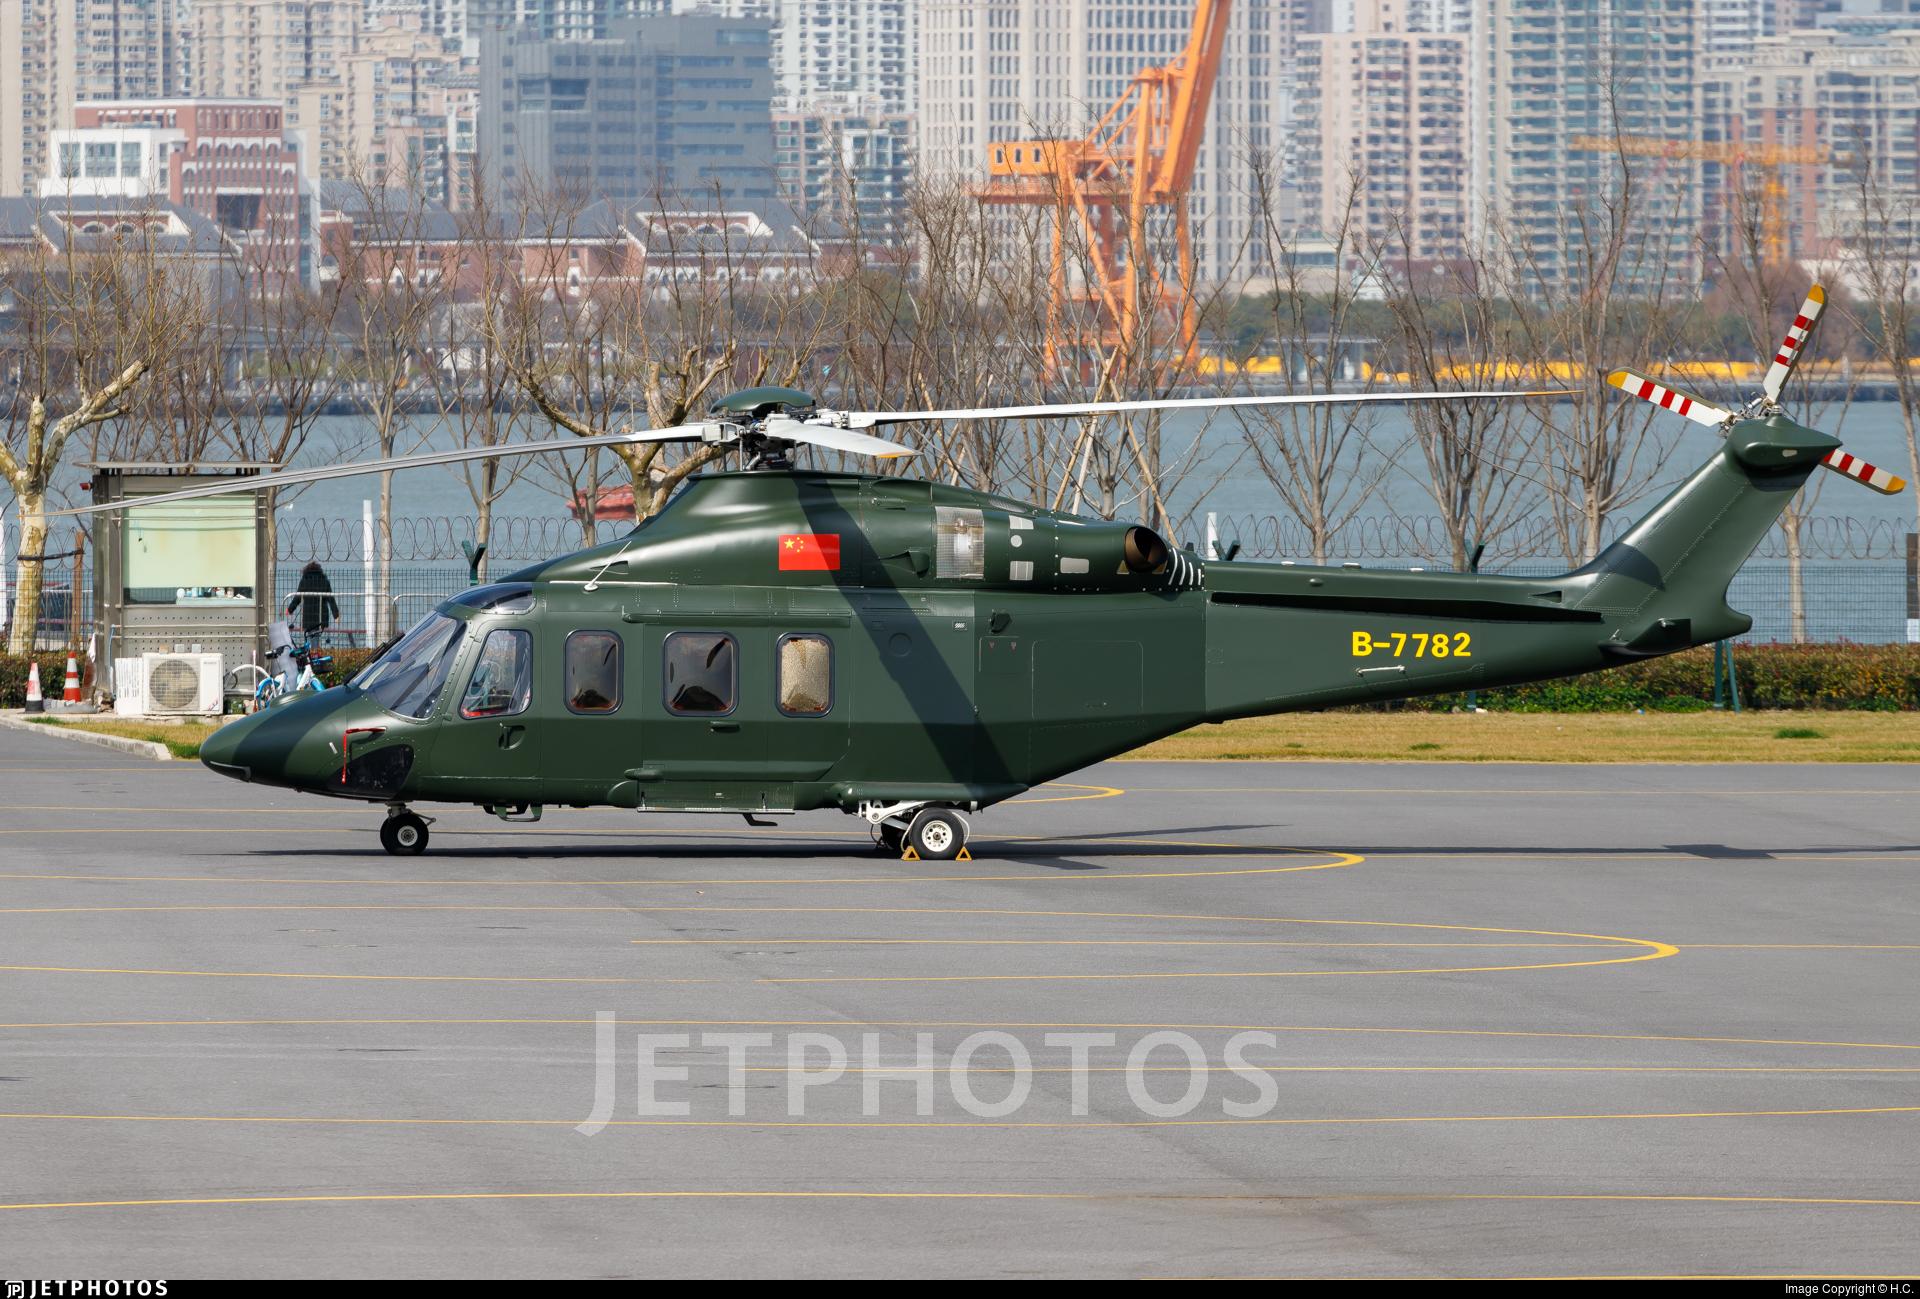 B-7782 - Agusta-Westland AW-139 - Shenzhen Heli-Eastern